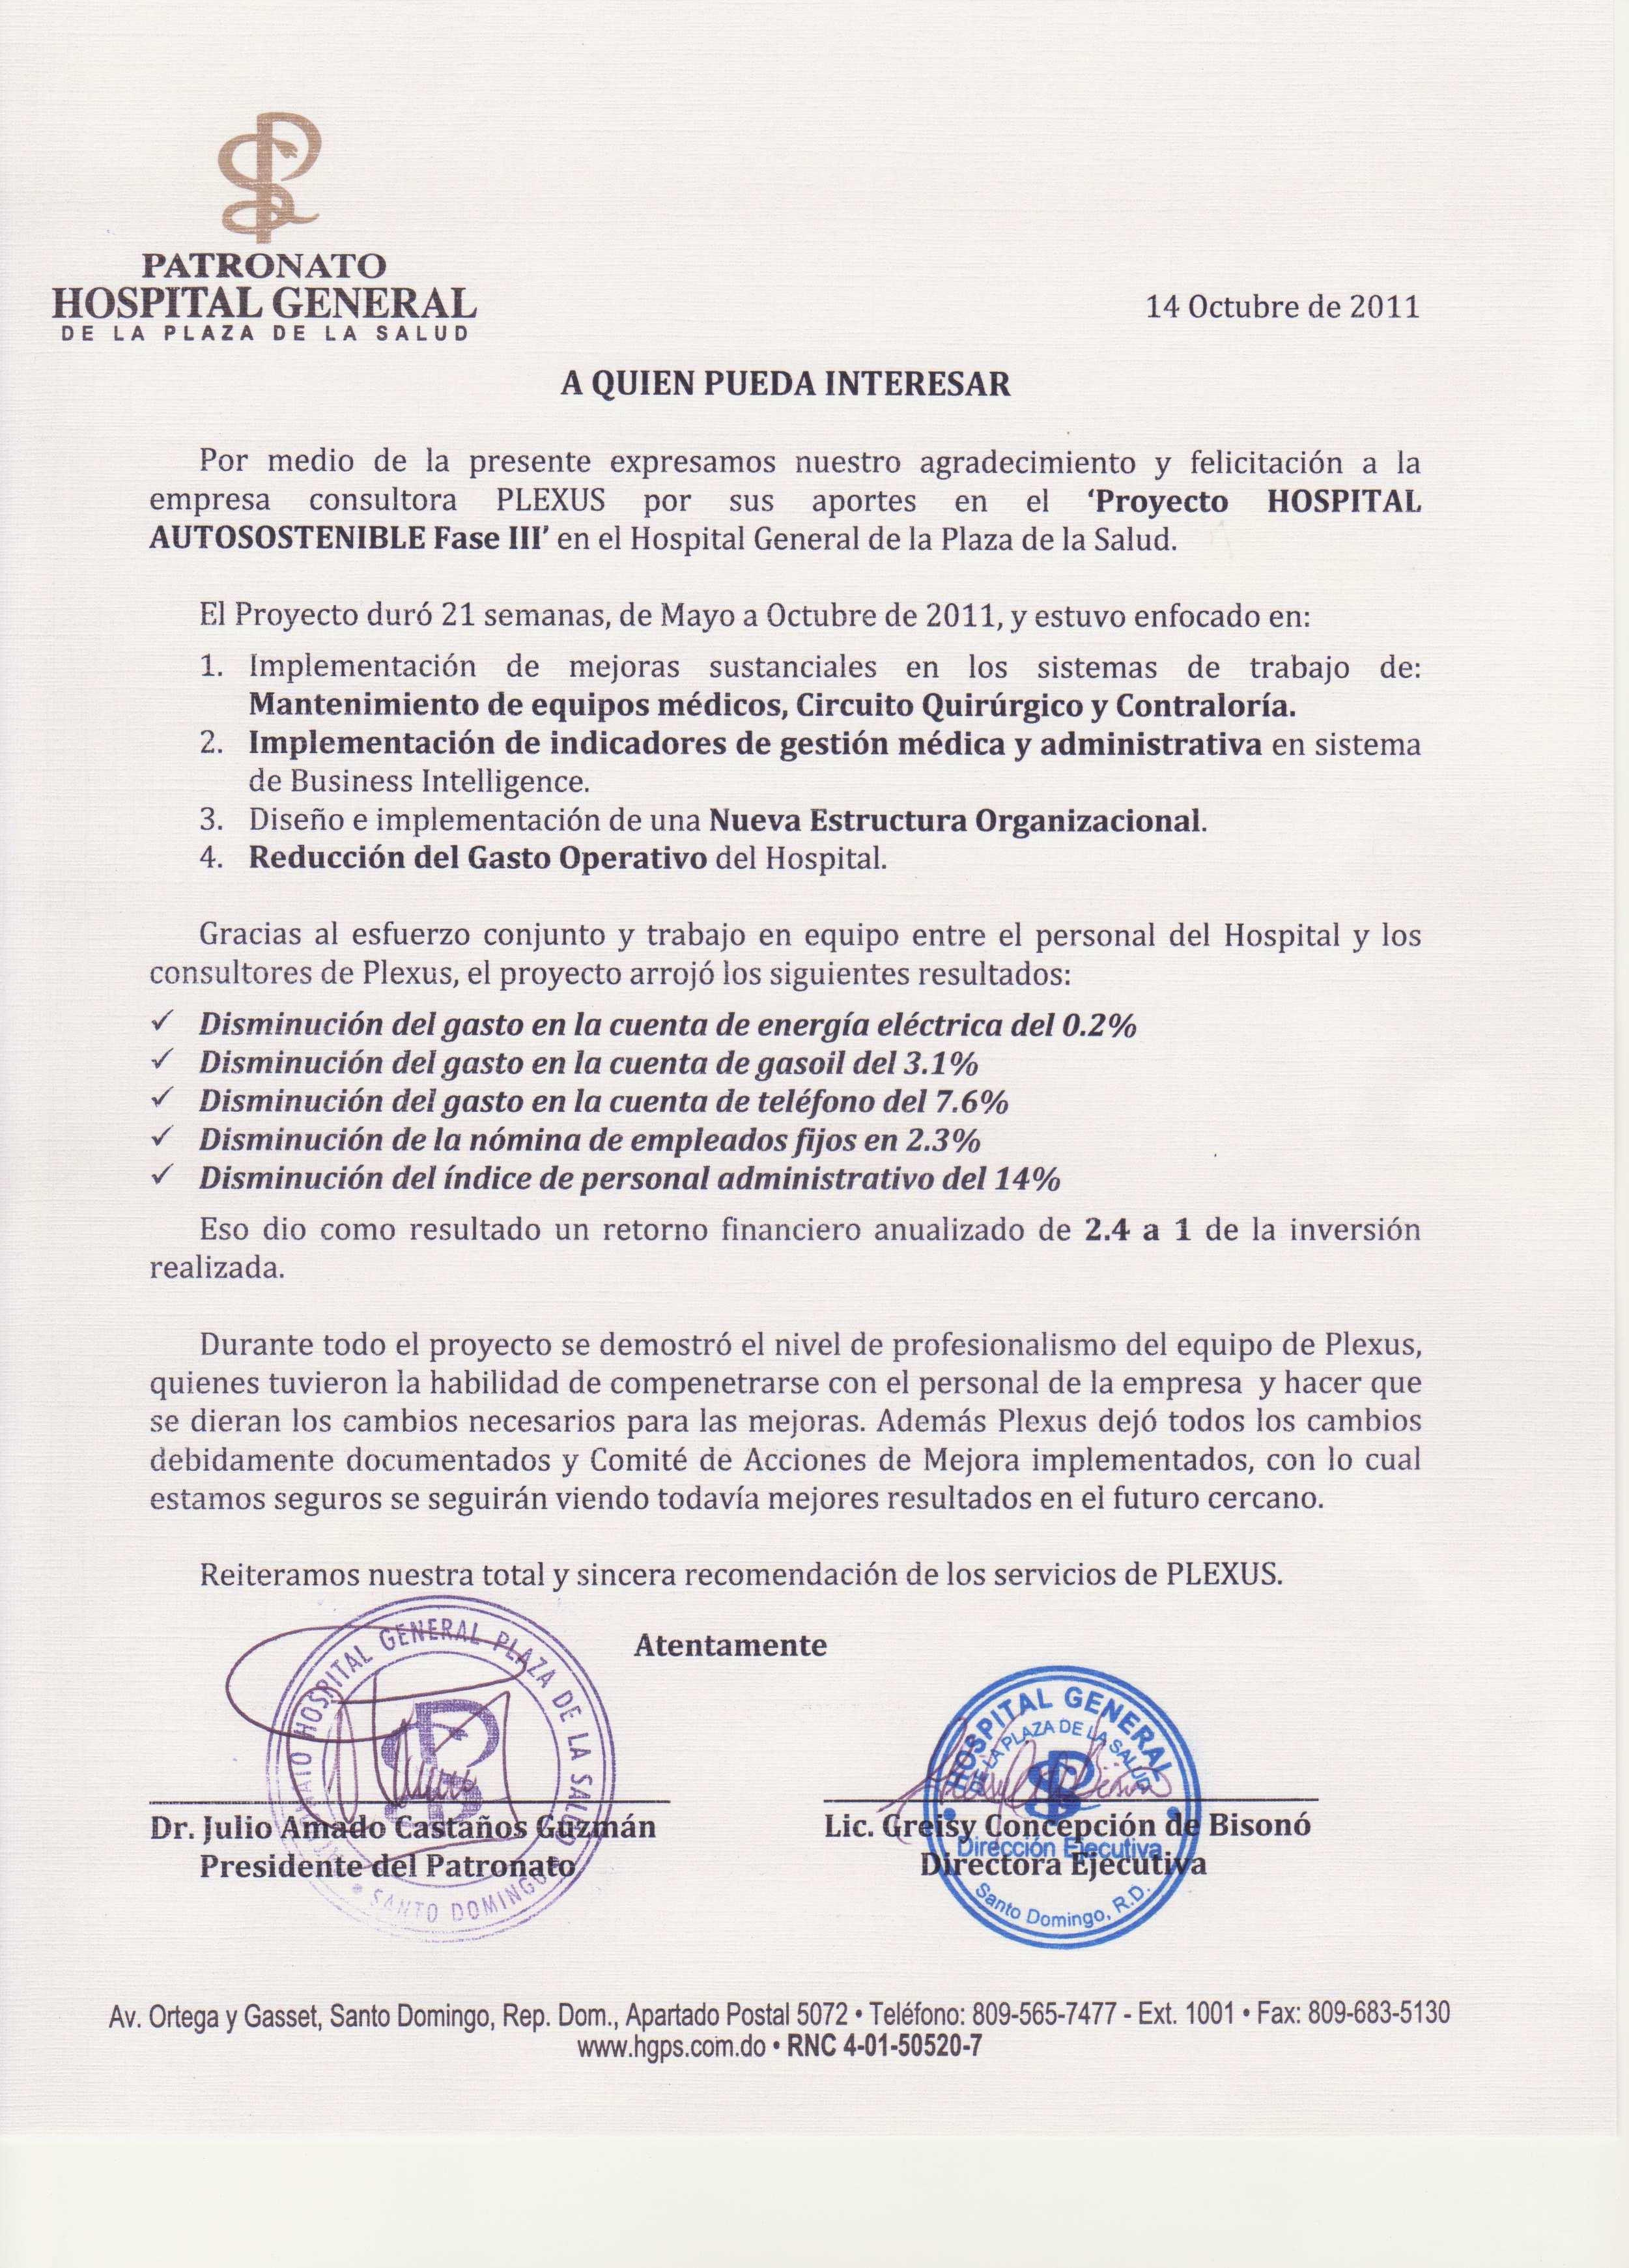 Circuito Quirurgico : Plexus business solutions u2013 hospital general de la plaza de la salud